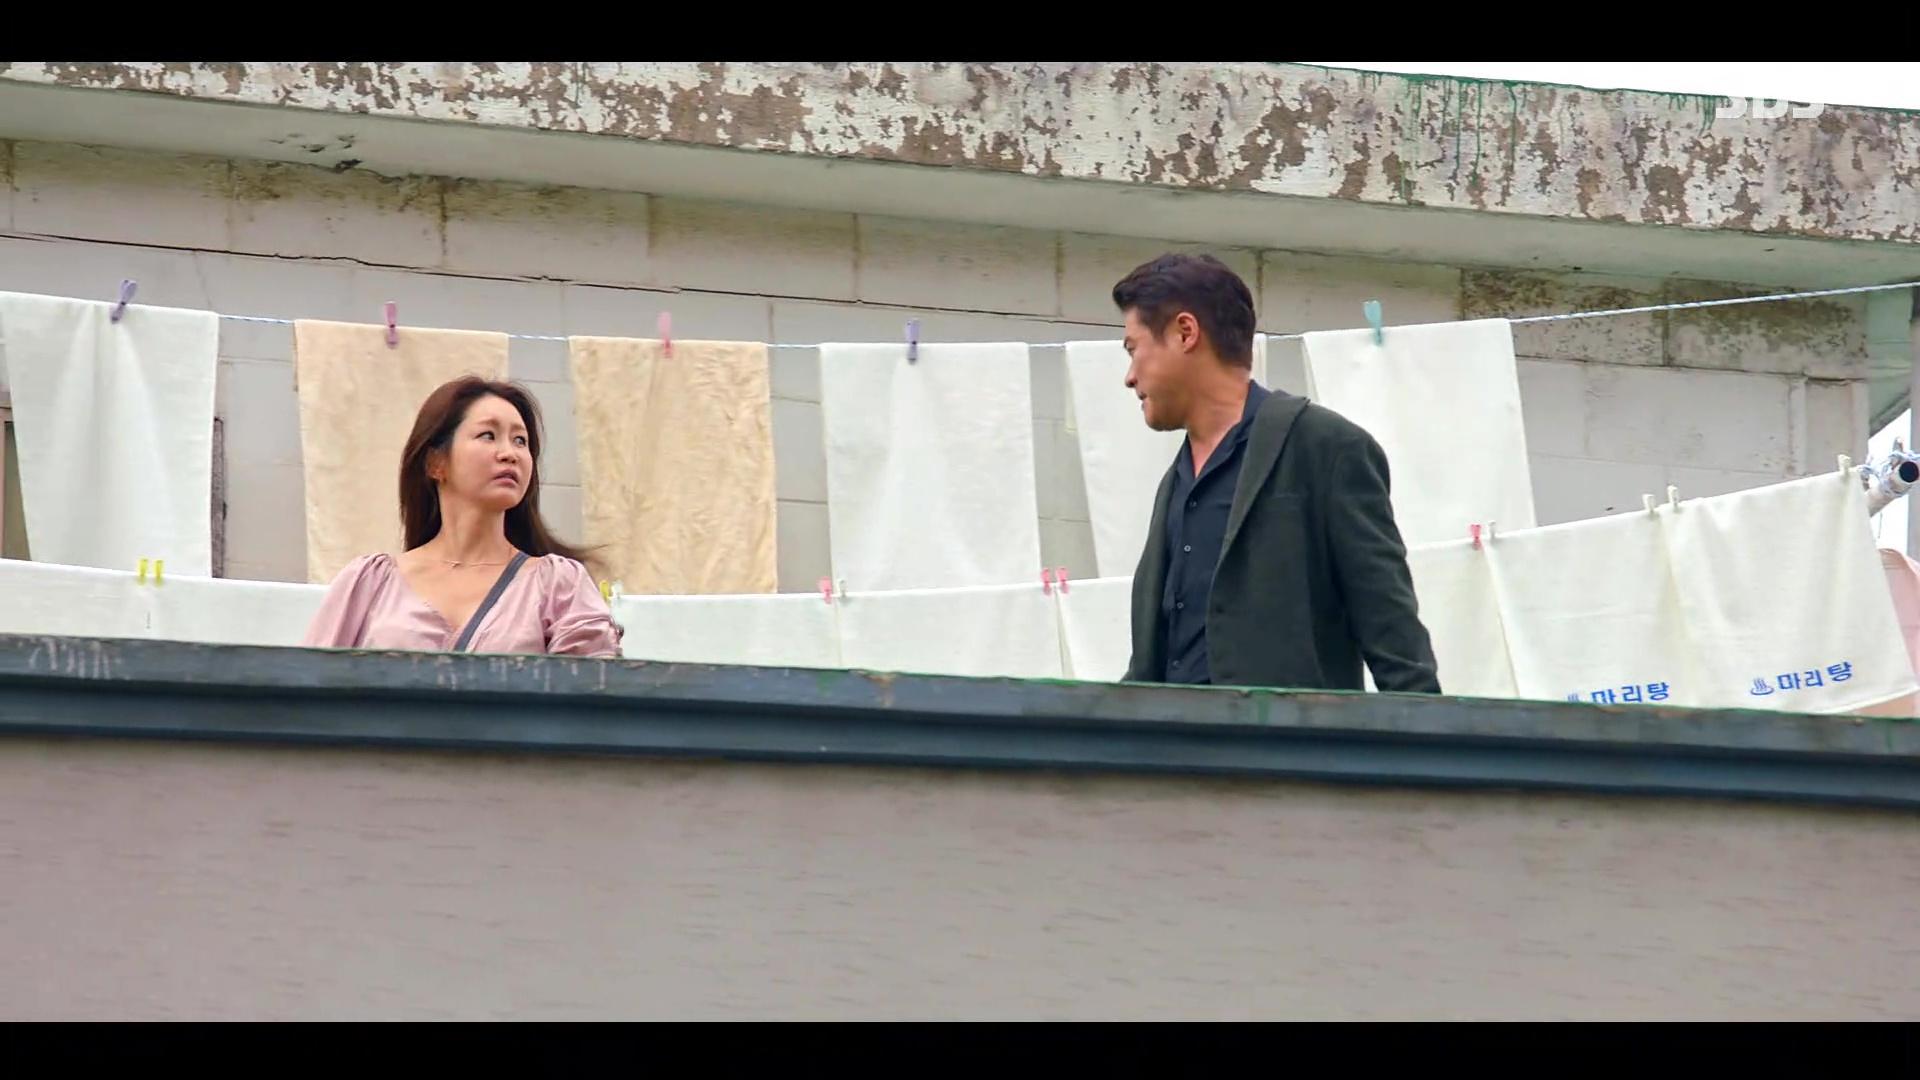 Penthouse Season 3 Episode 7 Recap and Review